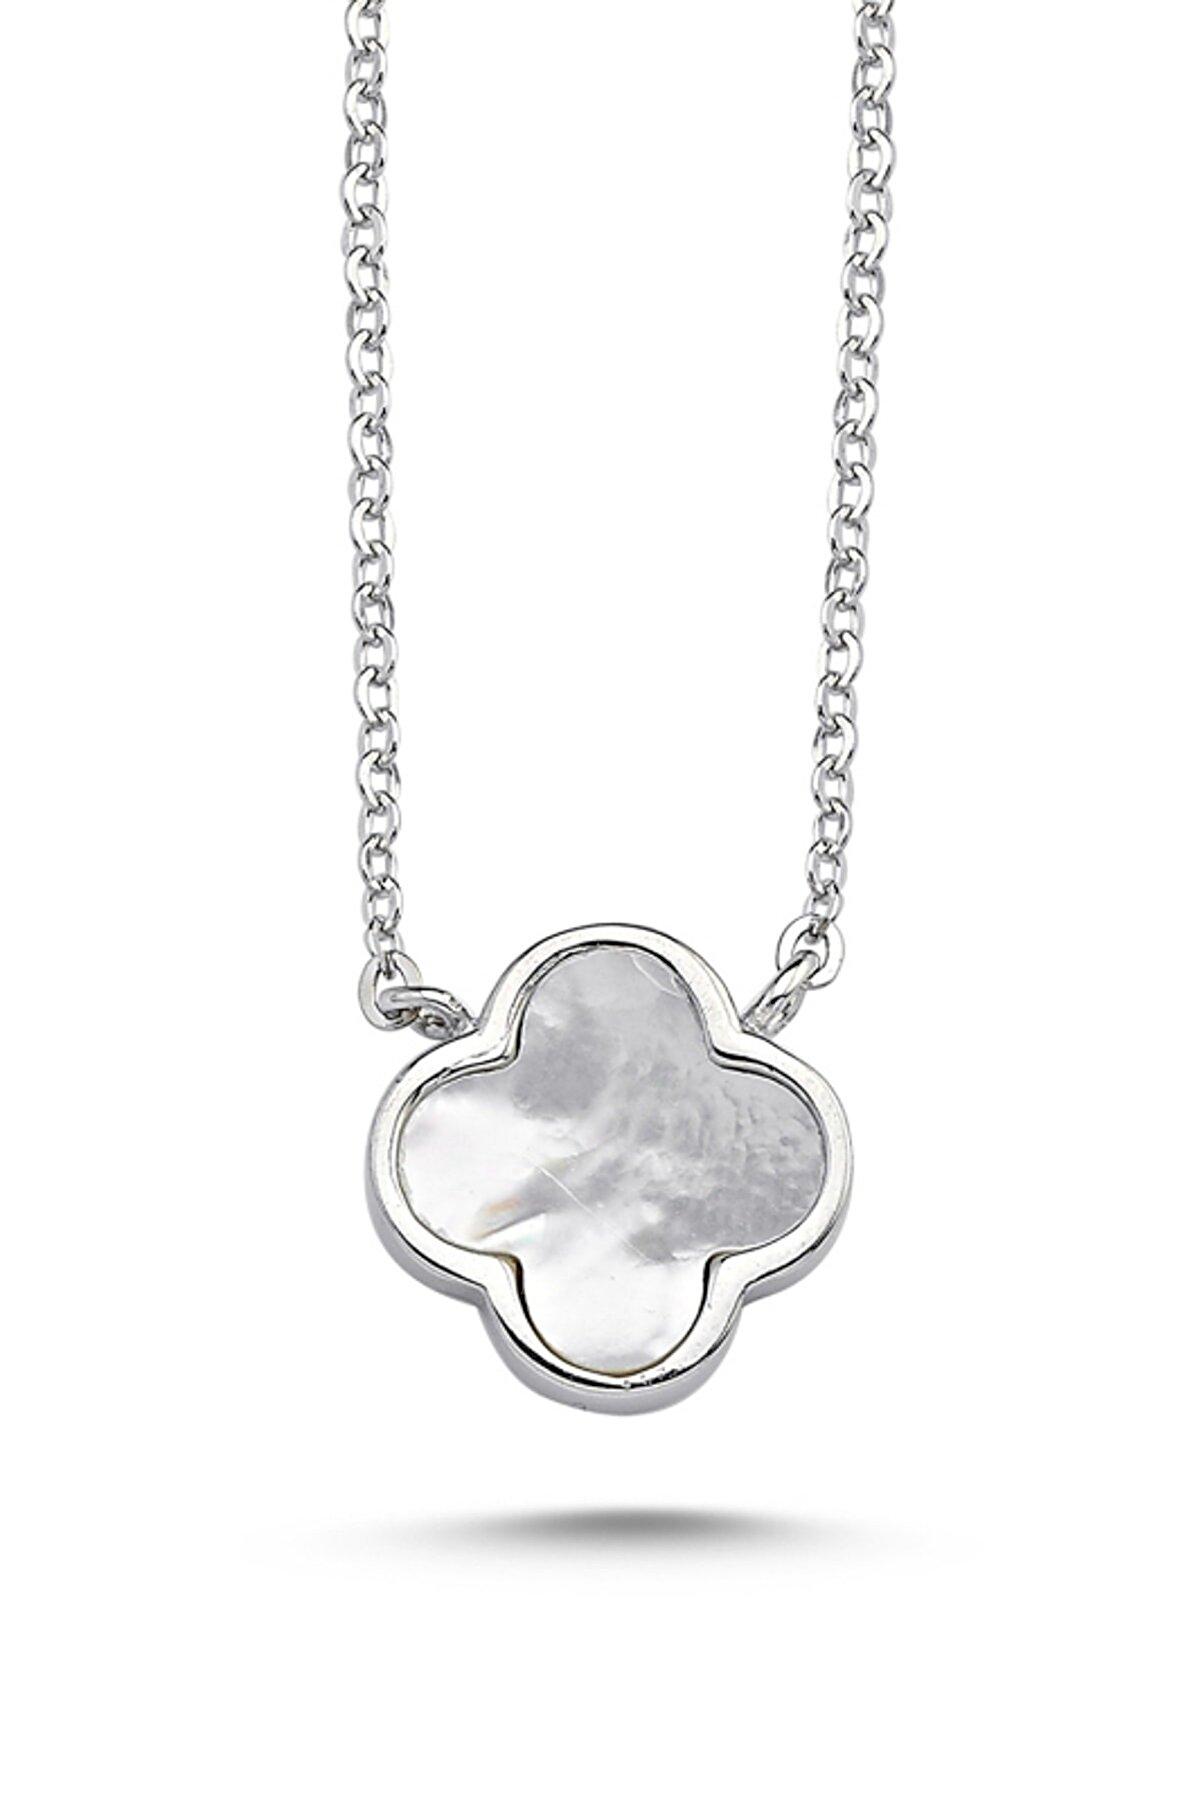 Kutaydan Kadın Yonca 925 Ayar Gümüş Kolye N86746